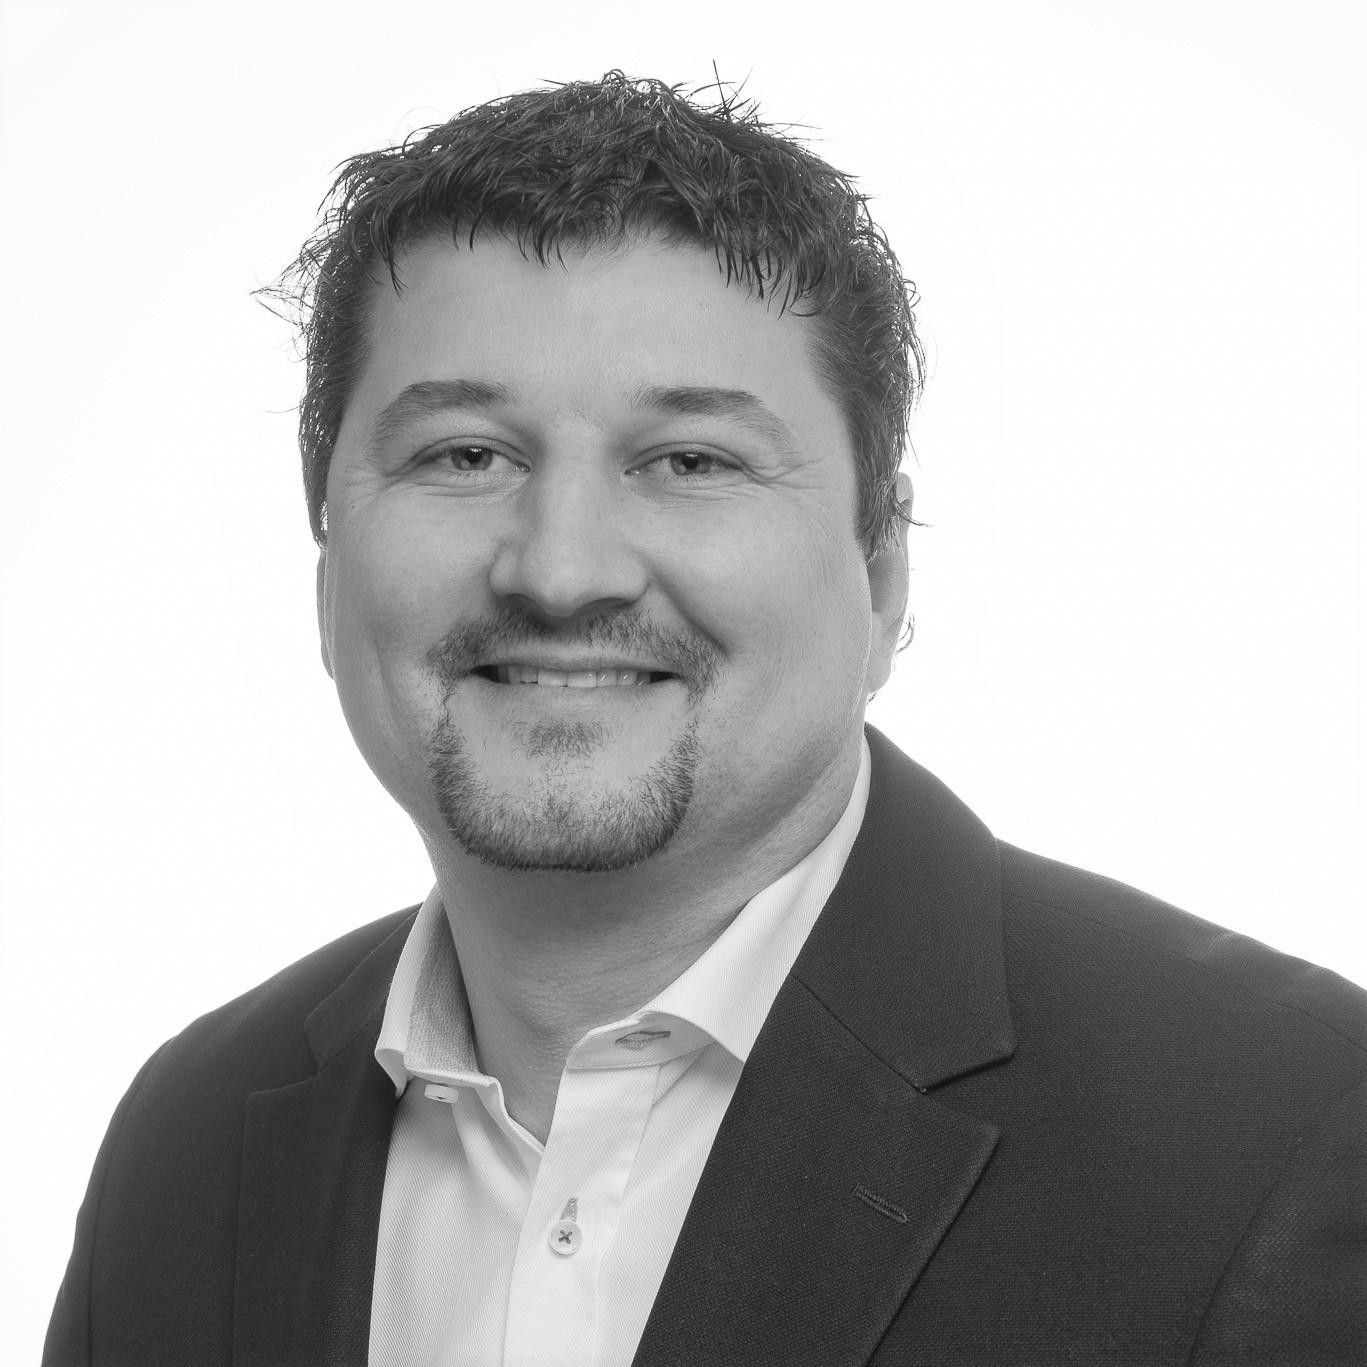 Claudio - Svartvit profil_ljusare